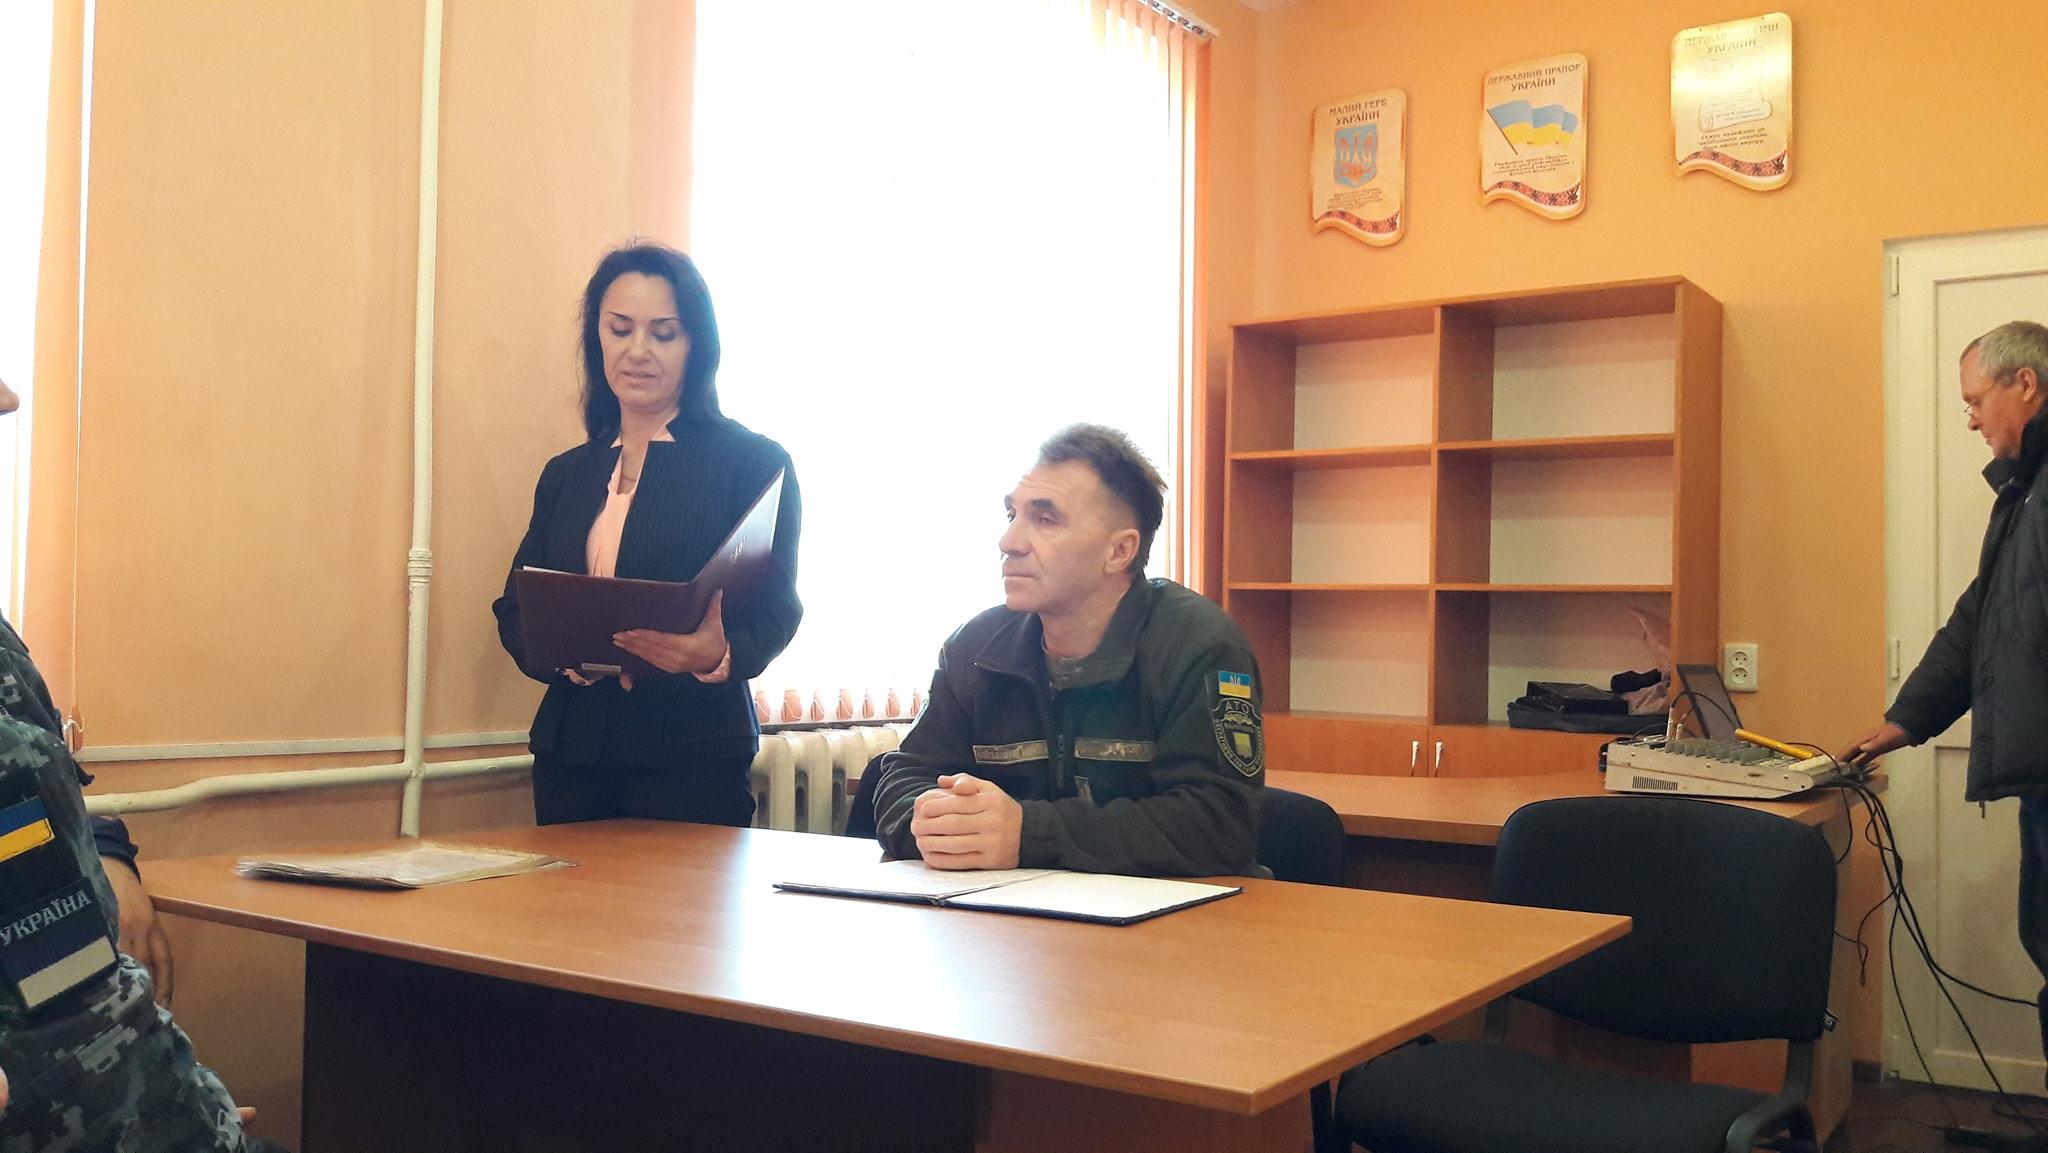 День вооруженных сил Украины: в Килии поздравляли военных